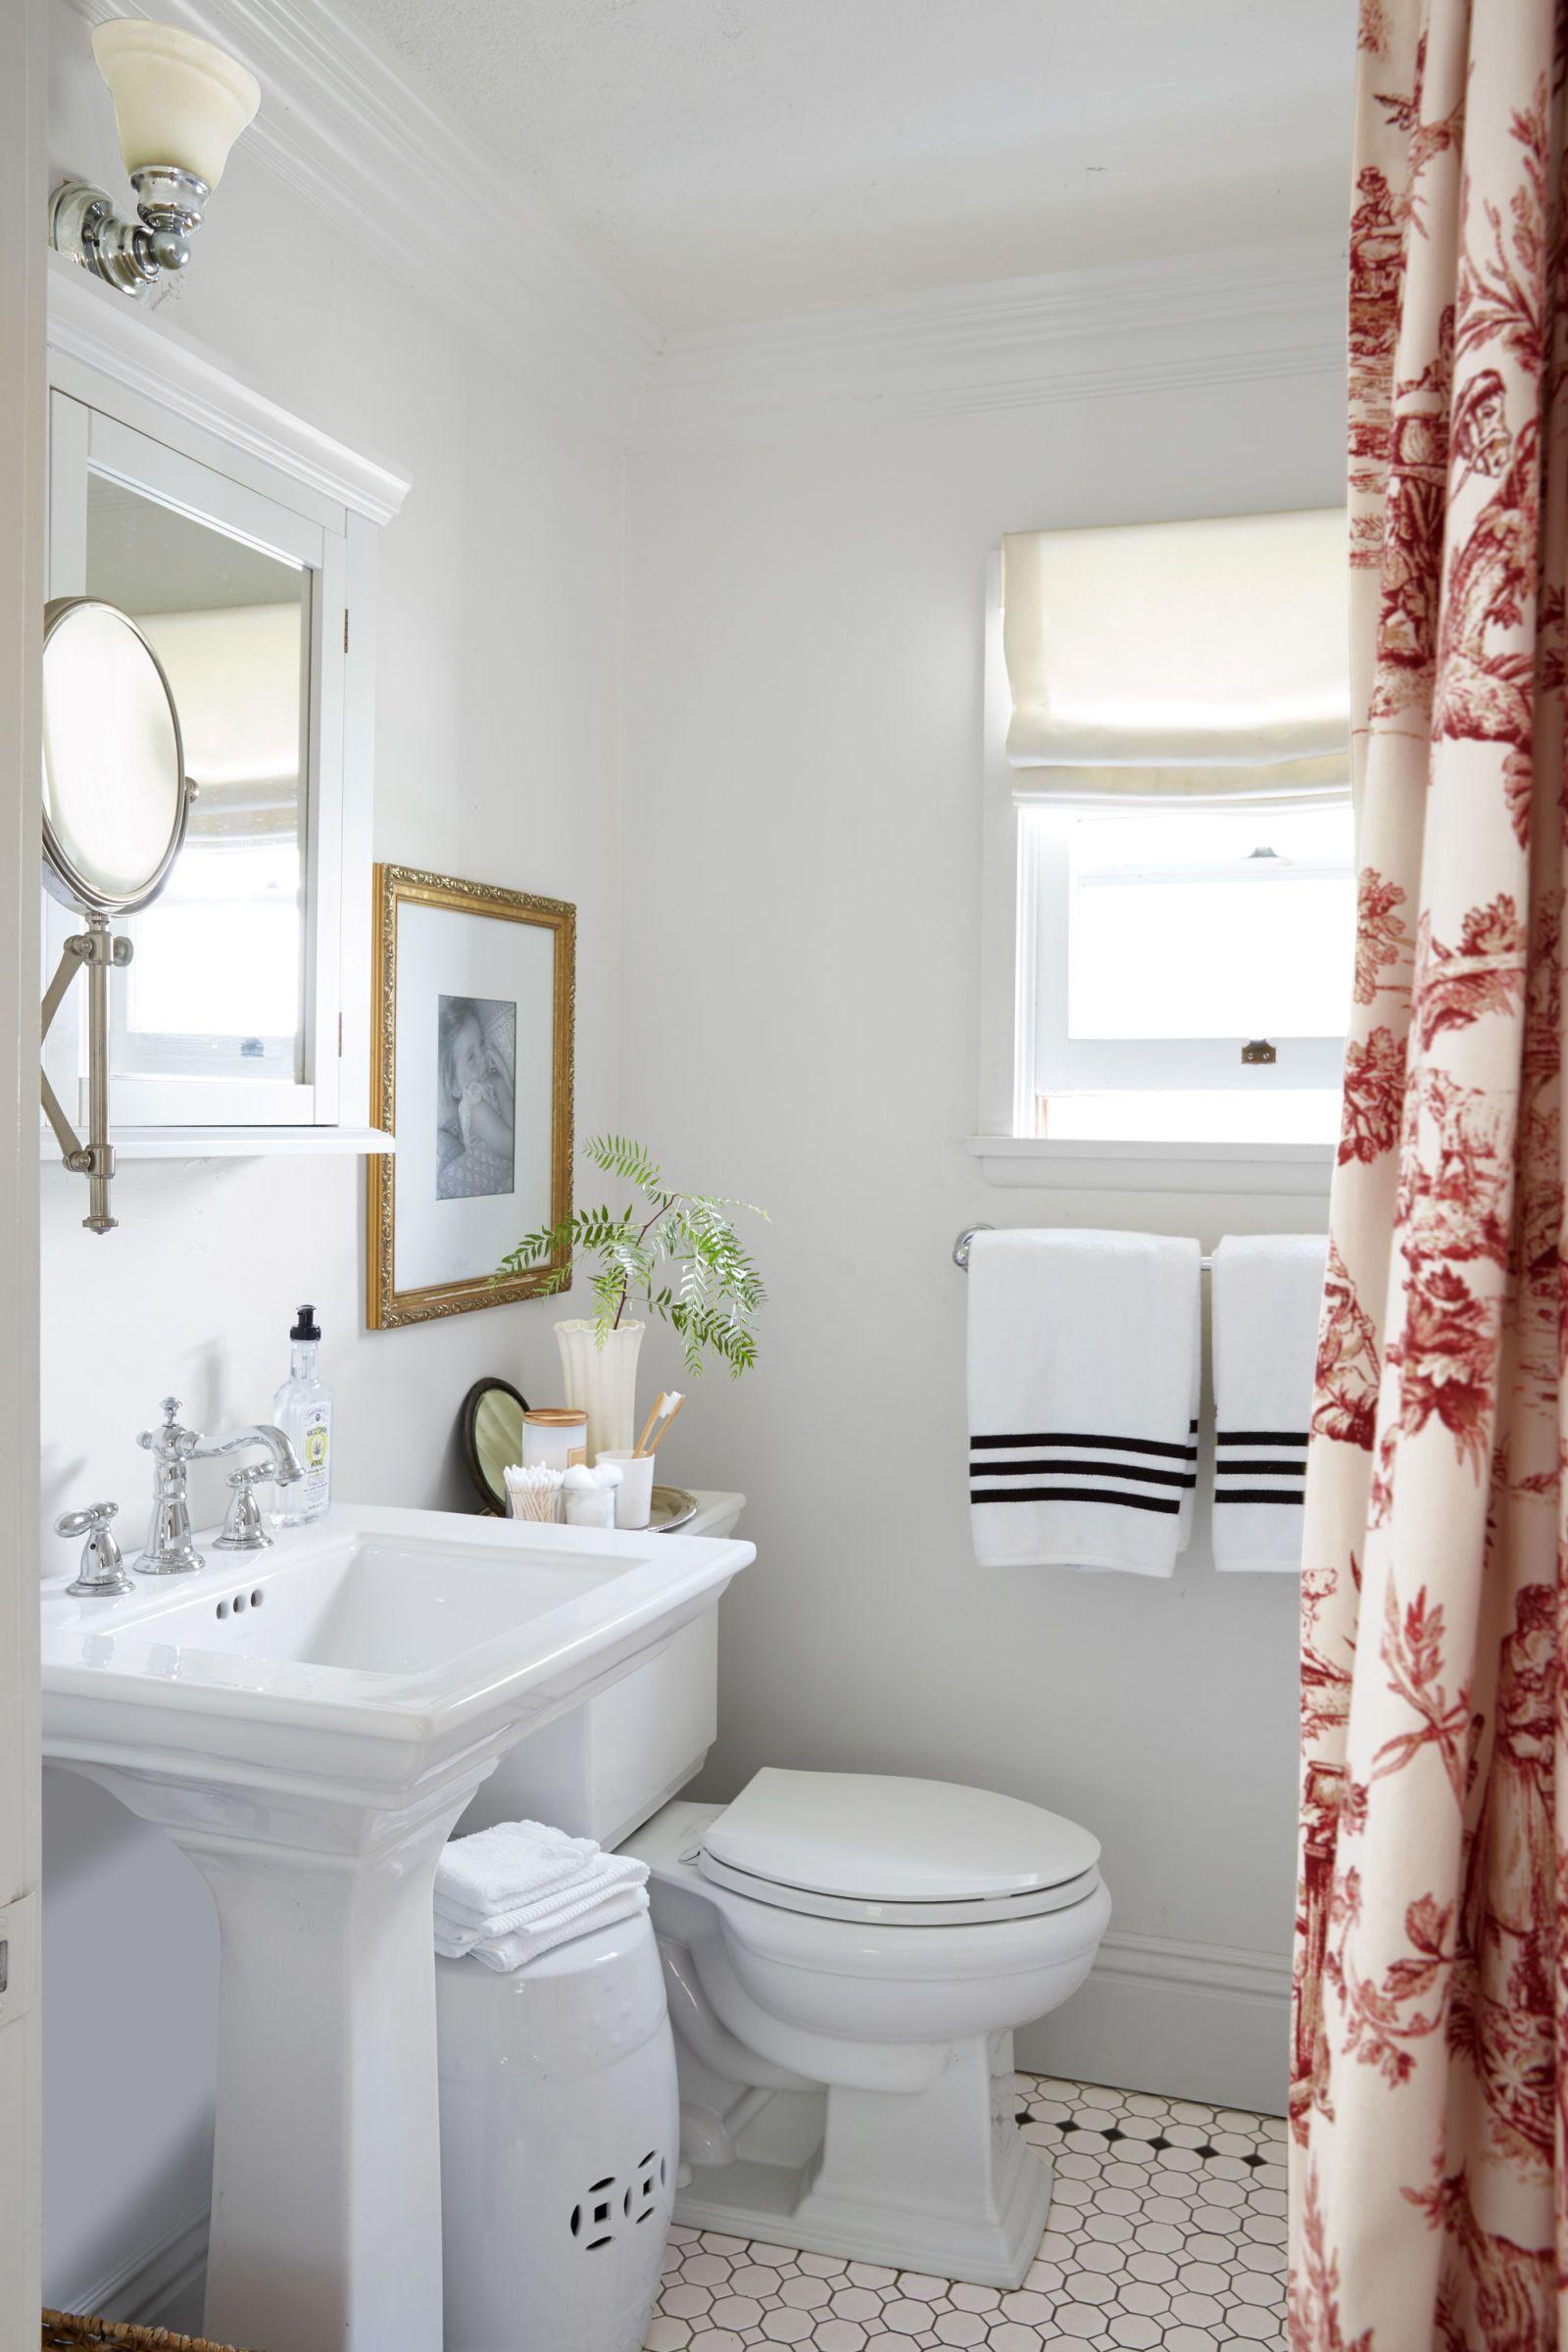 65 kreative badezimmer ideen für ihr modernes bad! | moderne bäder, Schlafzimmer entwurf